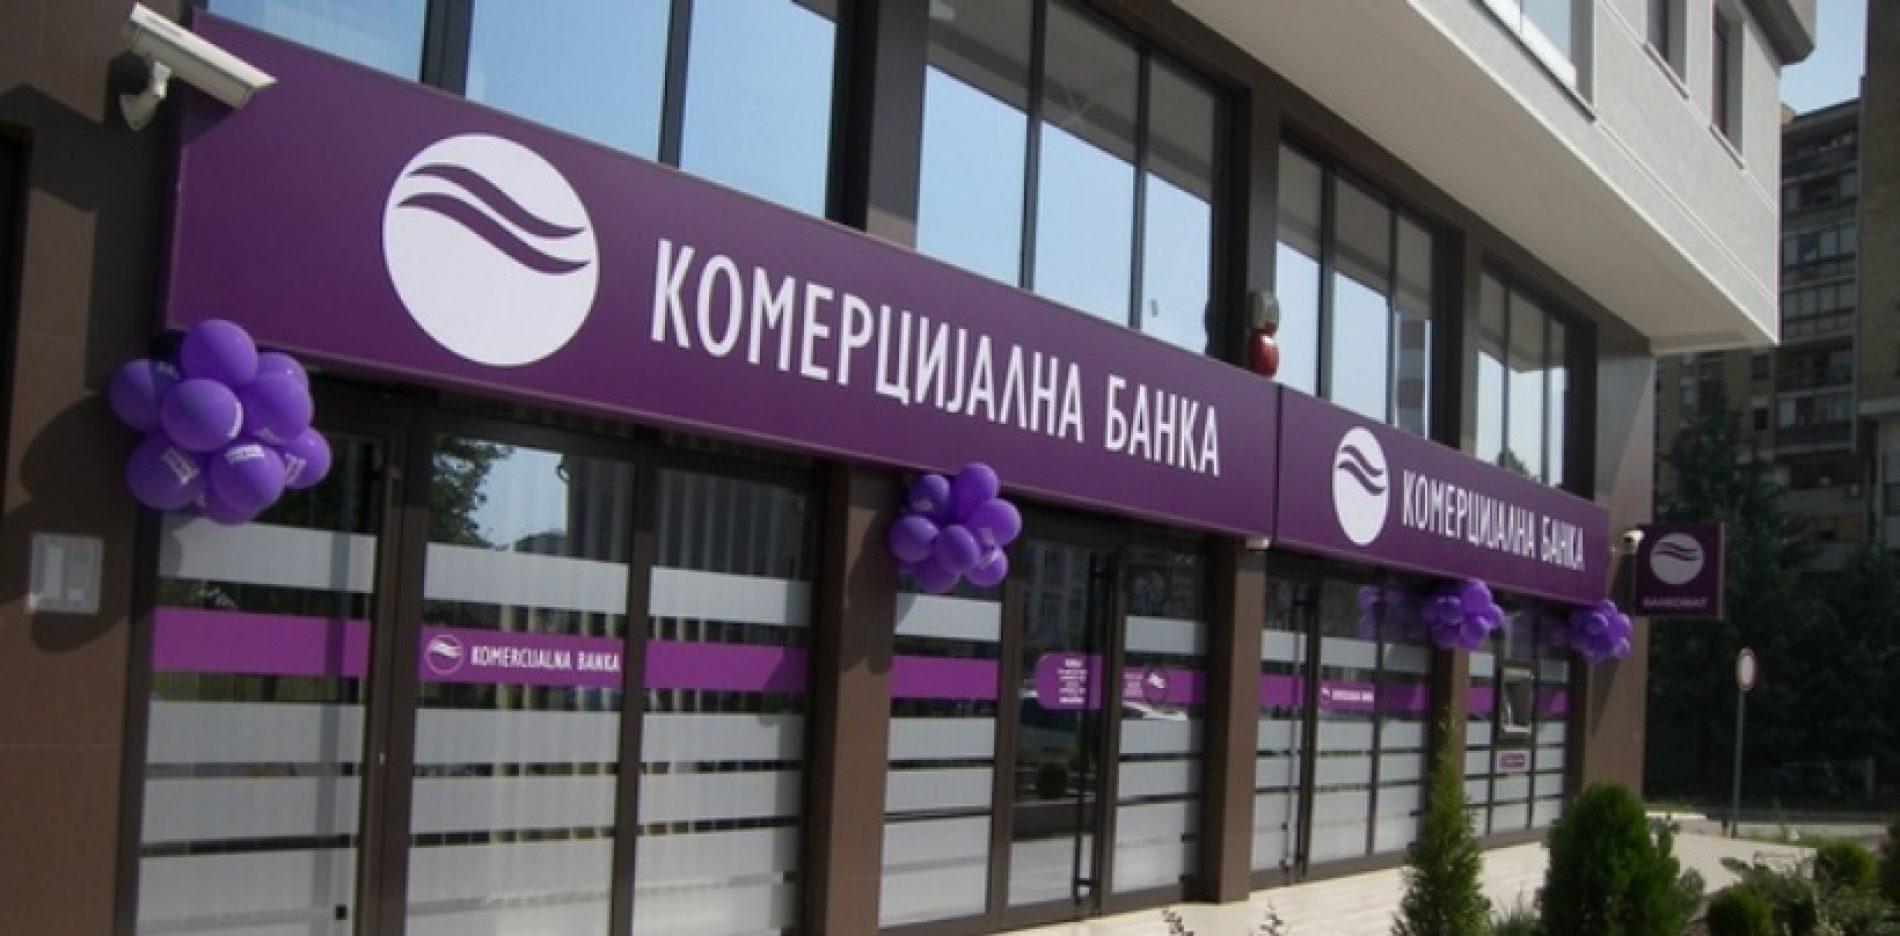 Komercijalna banka donirala 8 miliona dinara za respiratore